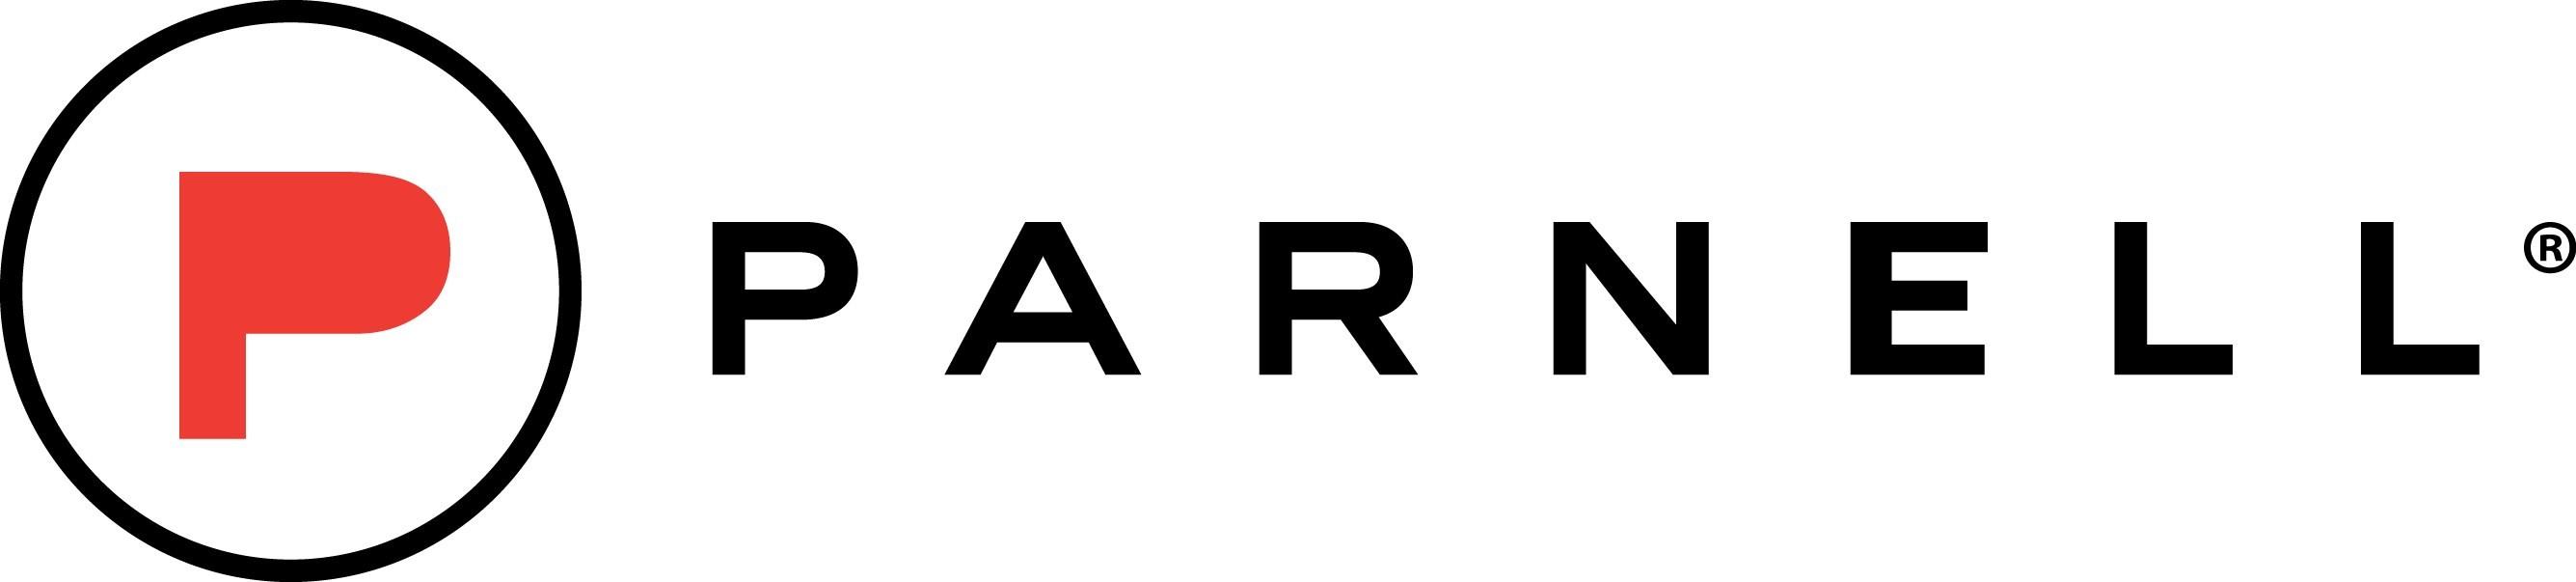 Parnell Pharmaceuticals Holdings Ltd. logo